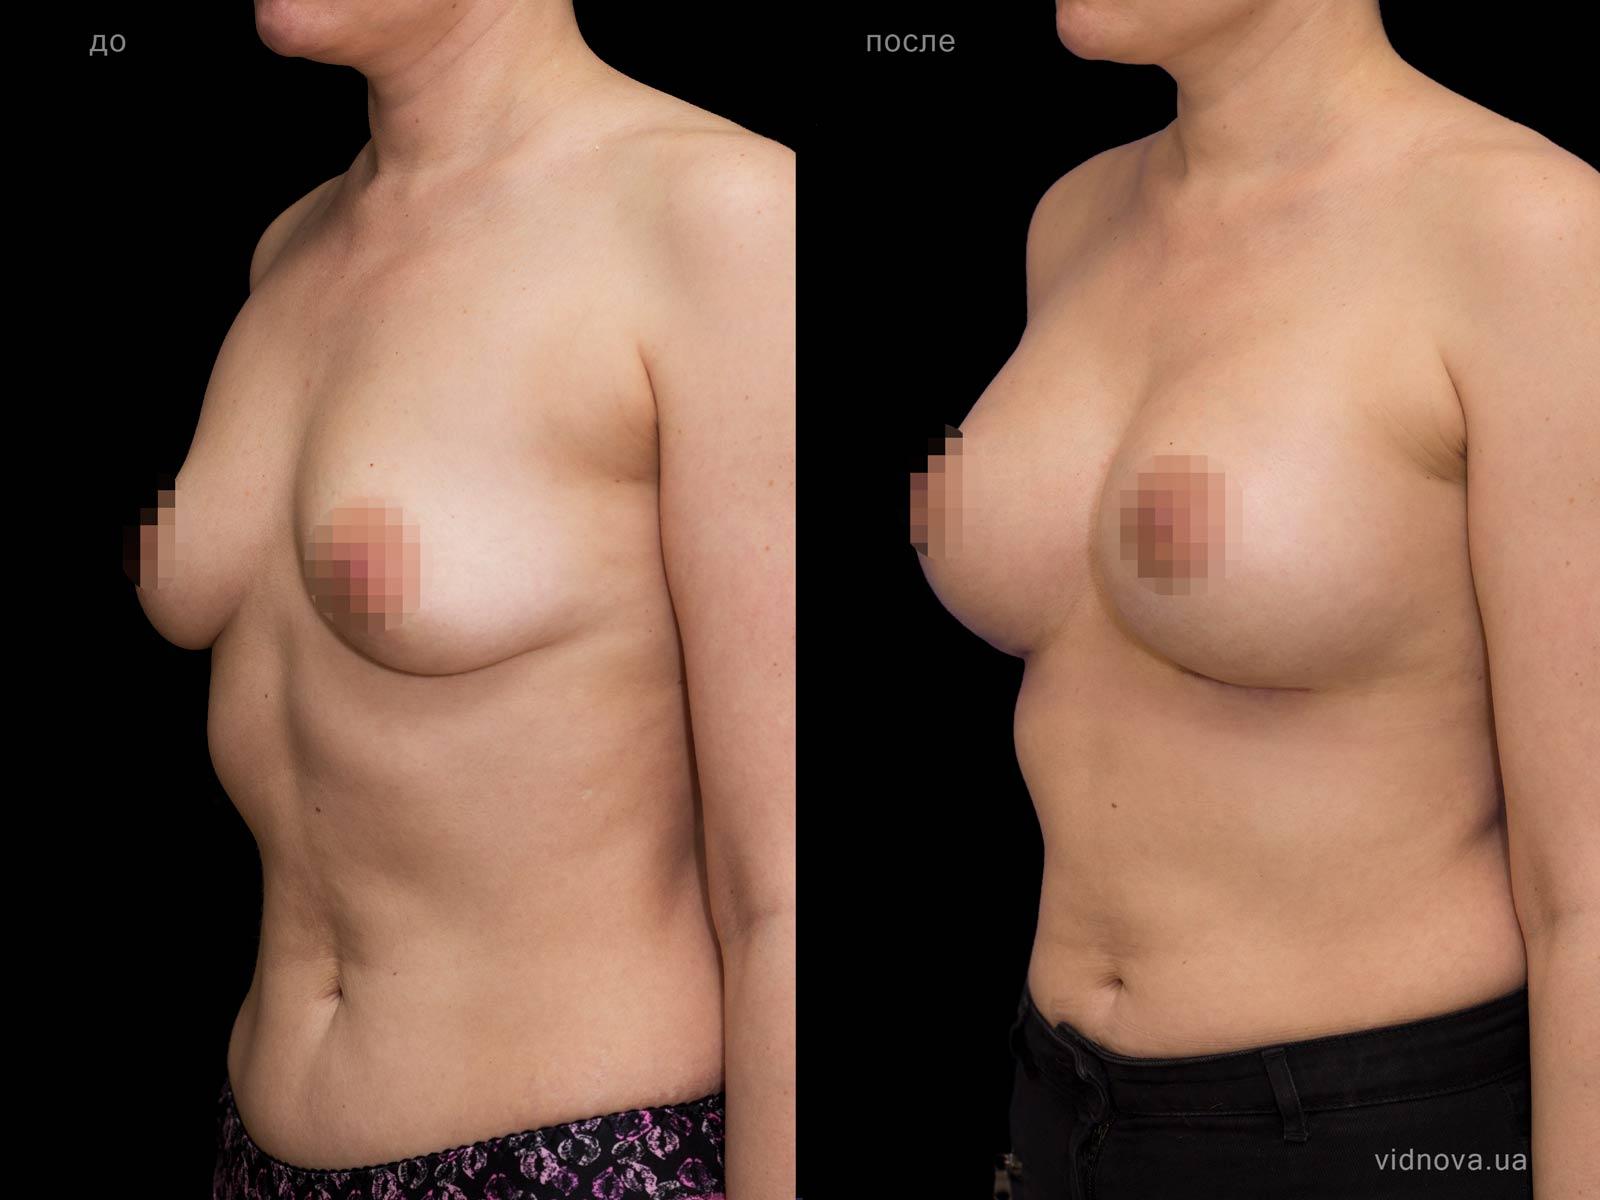 Пластика груди: результаты до и после - Пример №69-1 - Светлана Работенко